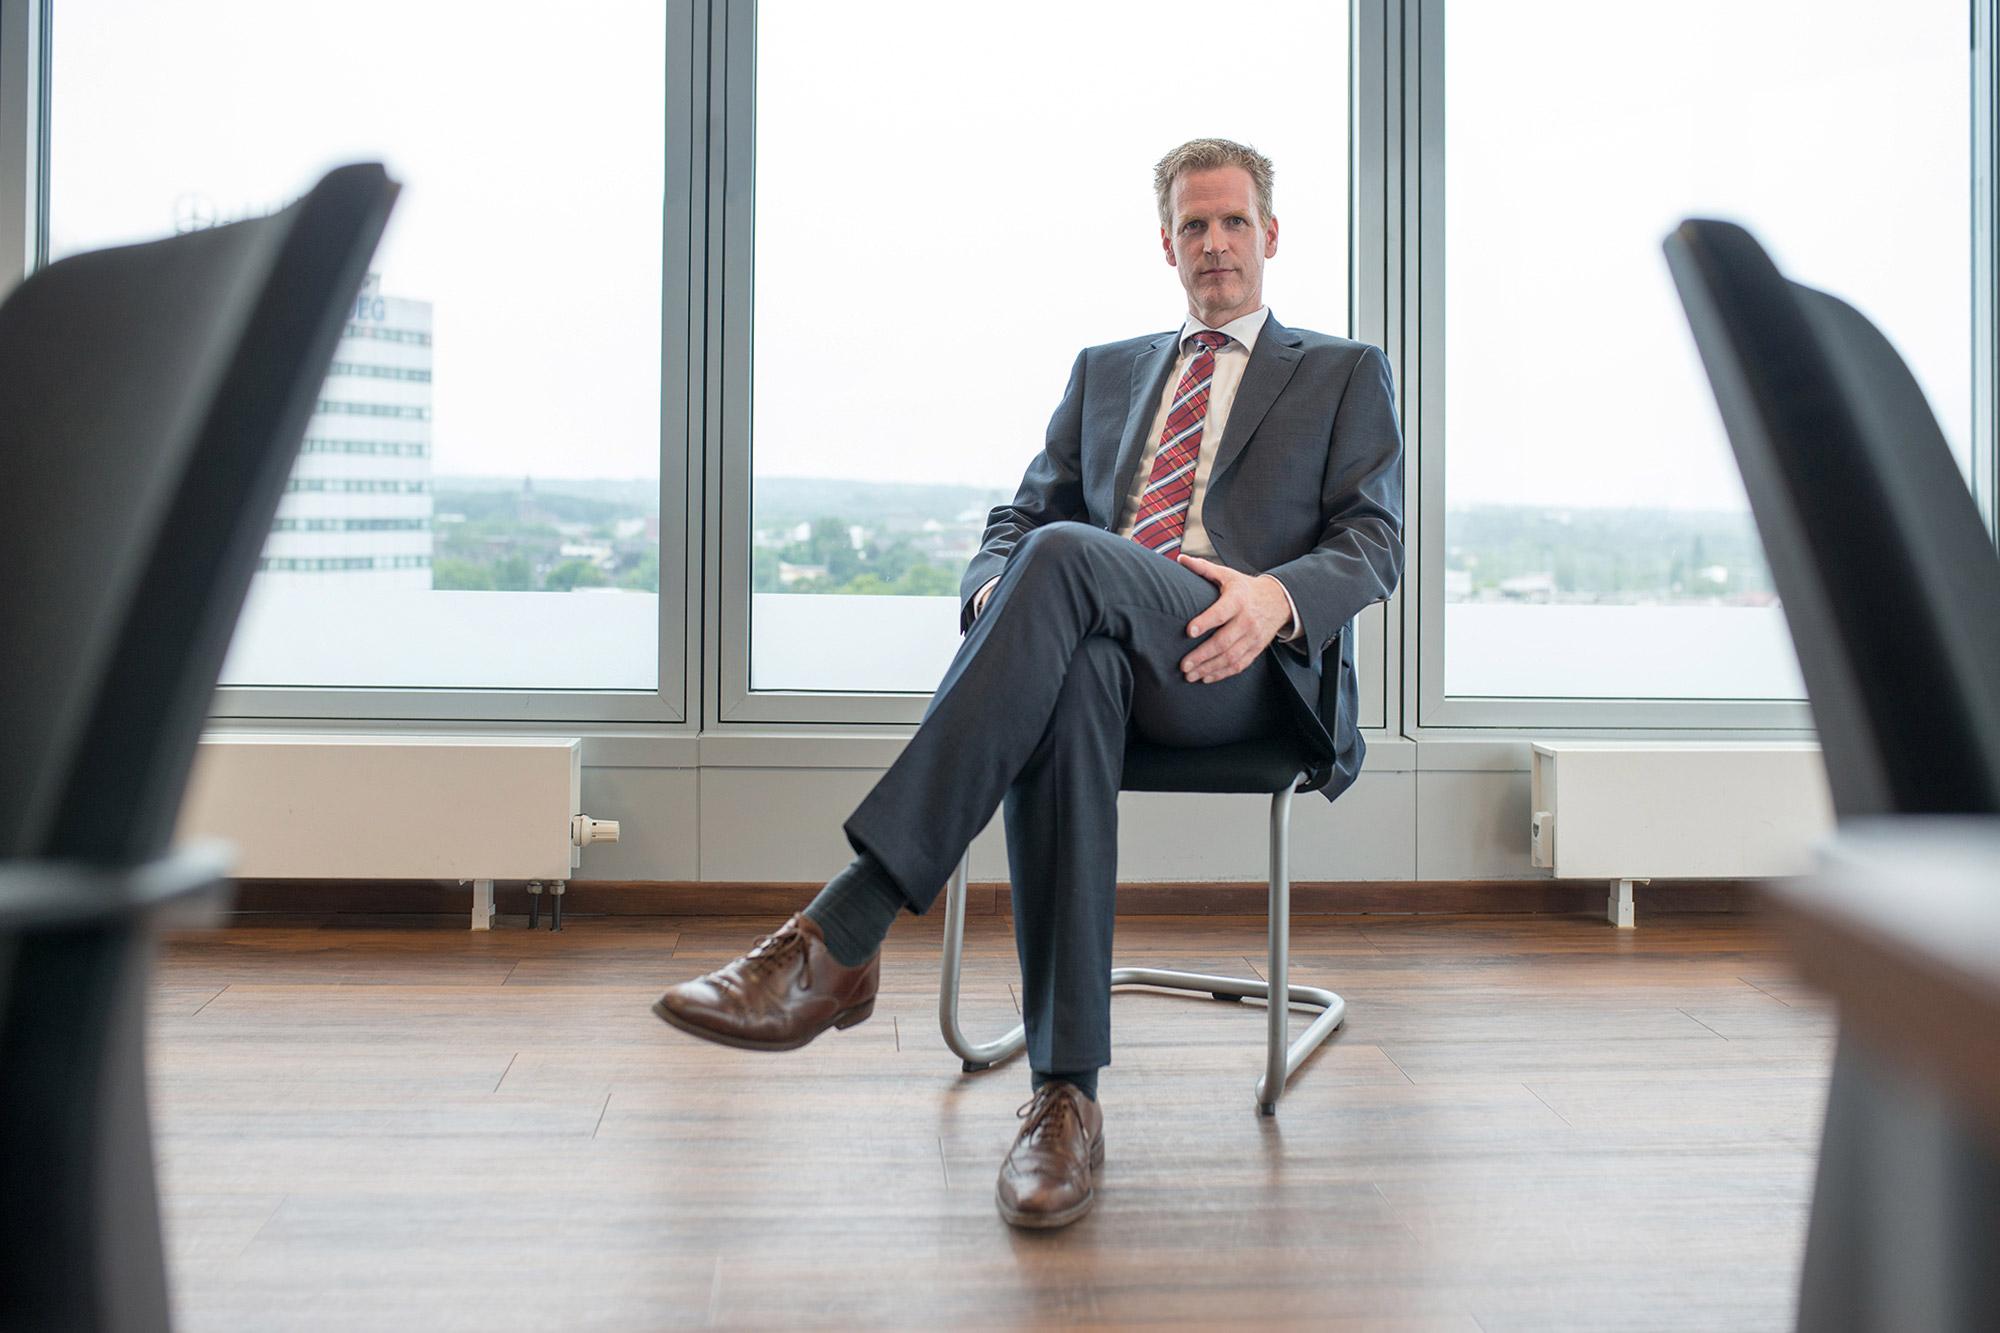 Unternehmenschef in mitten seines Büros